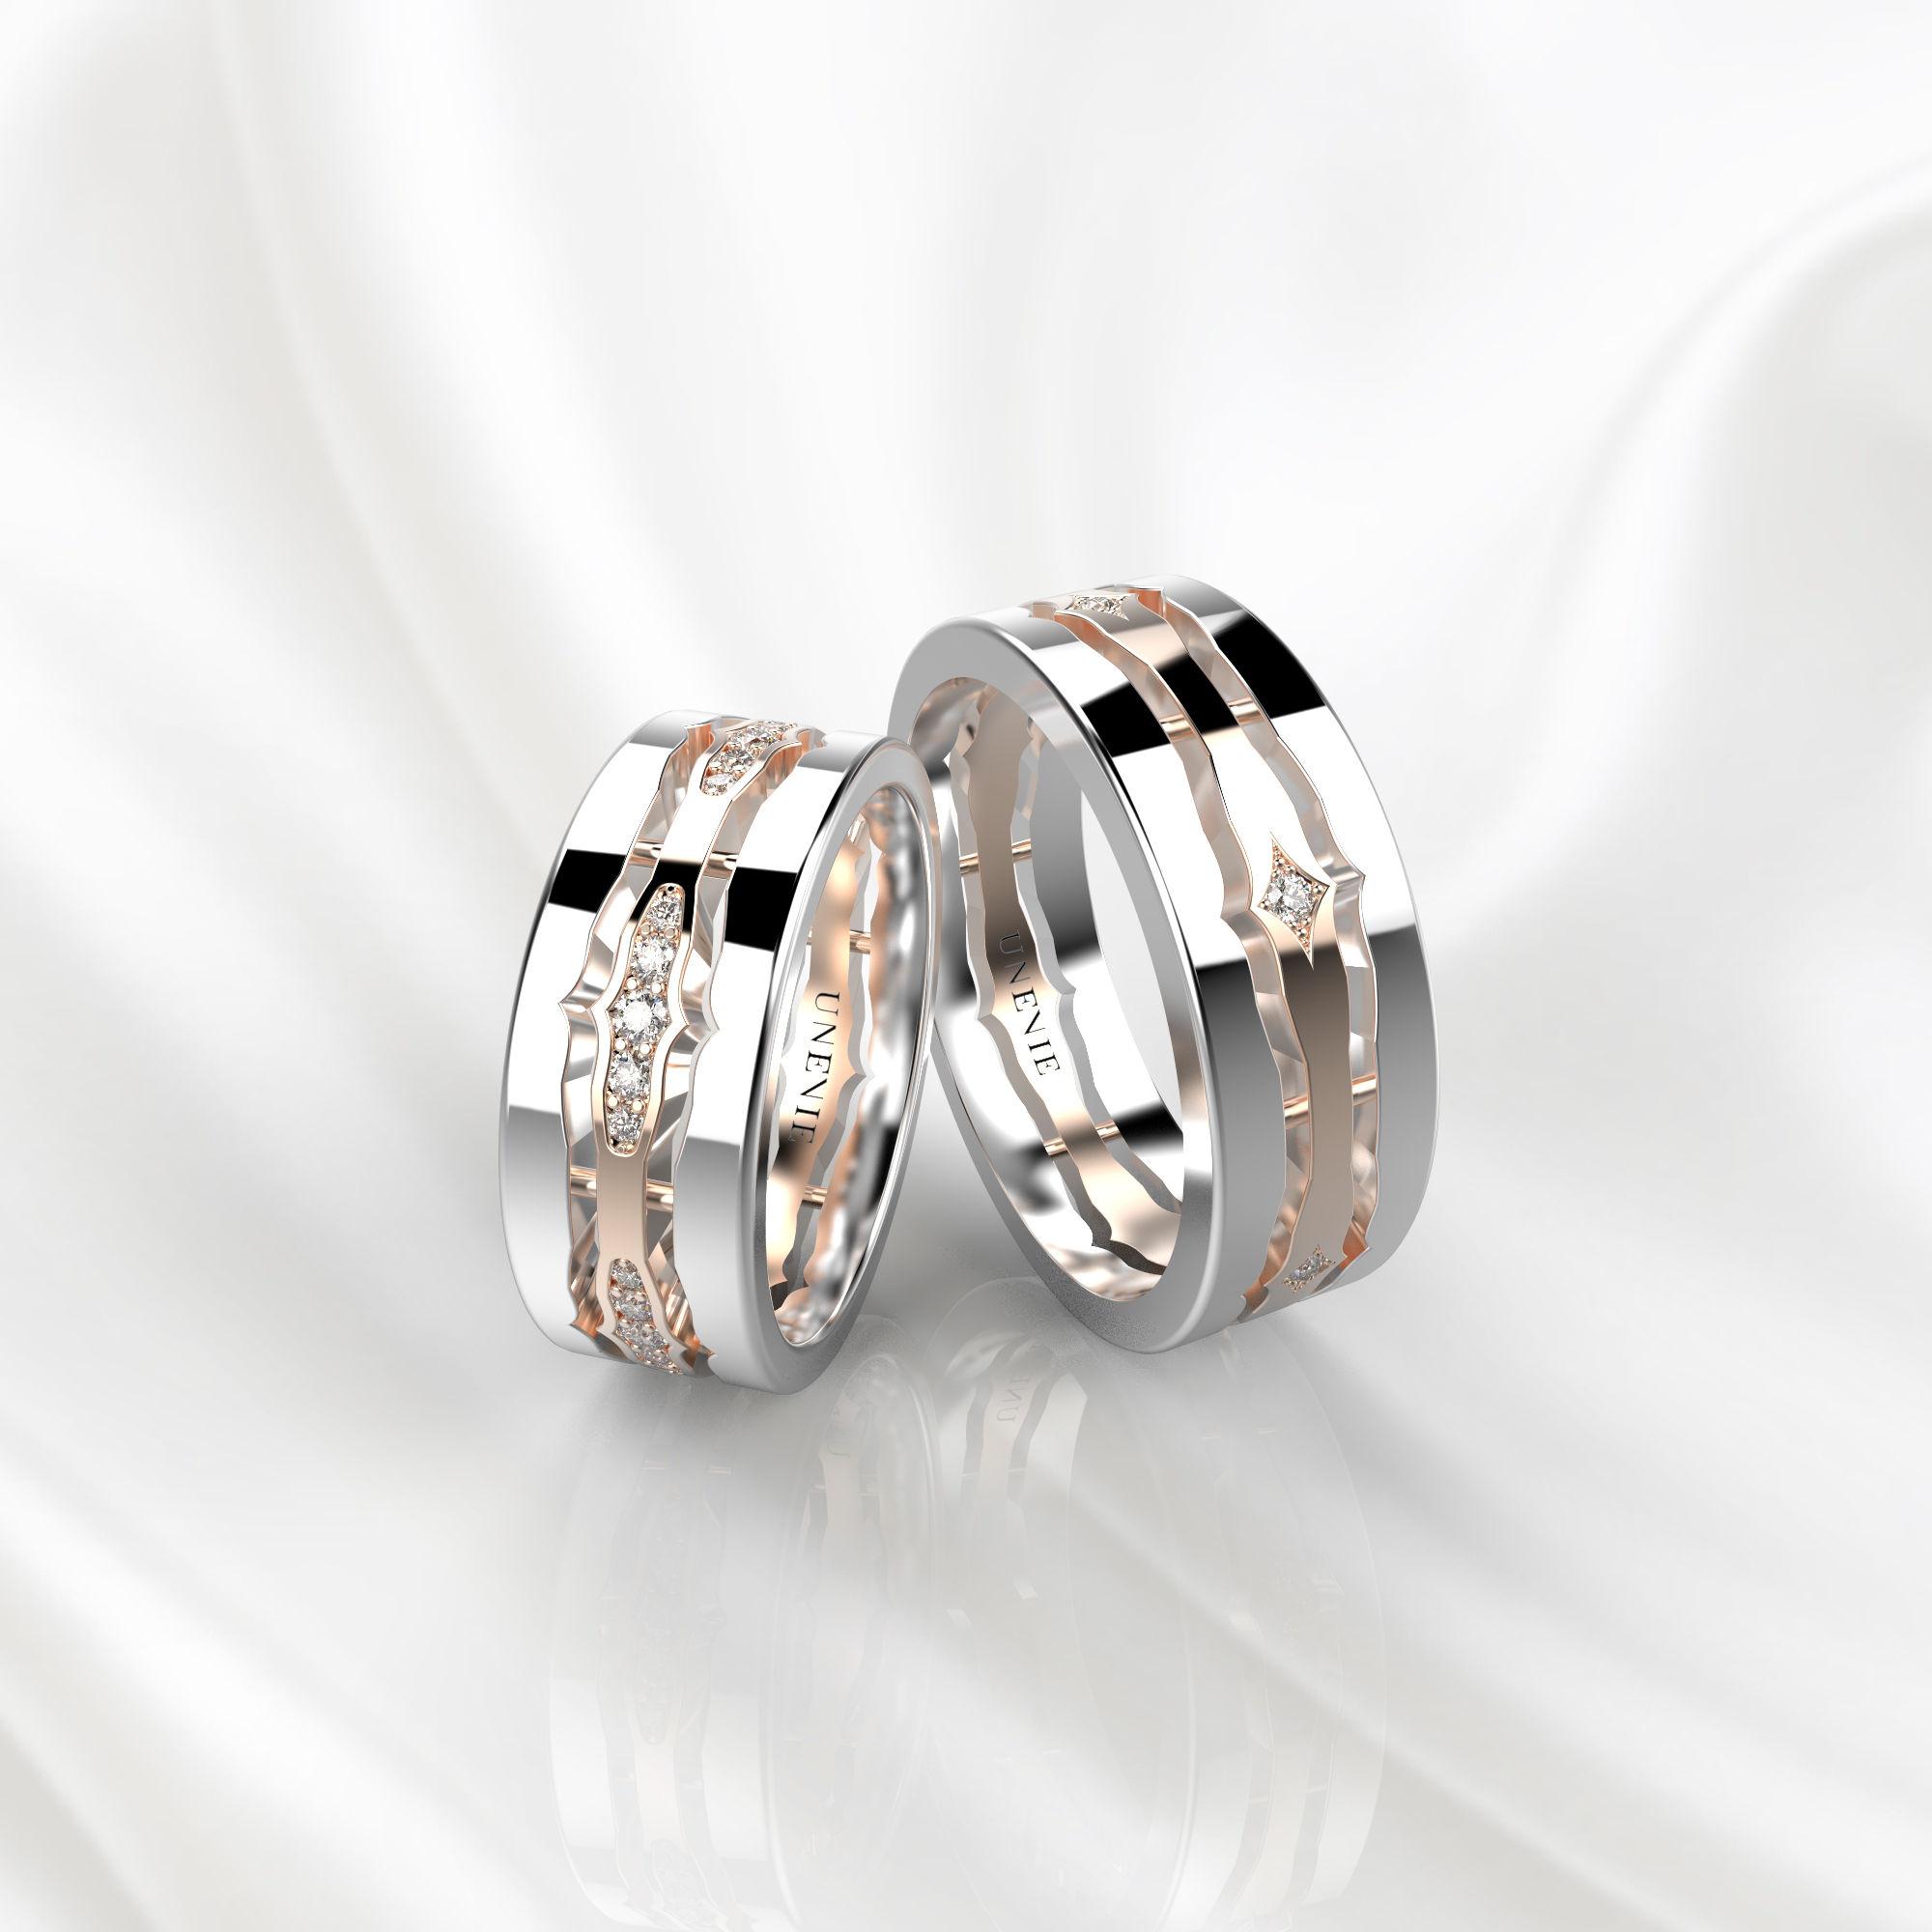 NV48 Парные обручальные кольца из бело-розового золота с бриллиантами